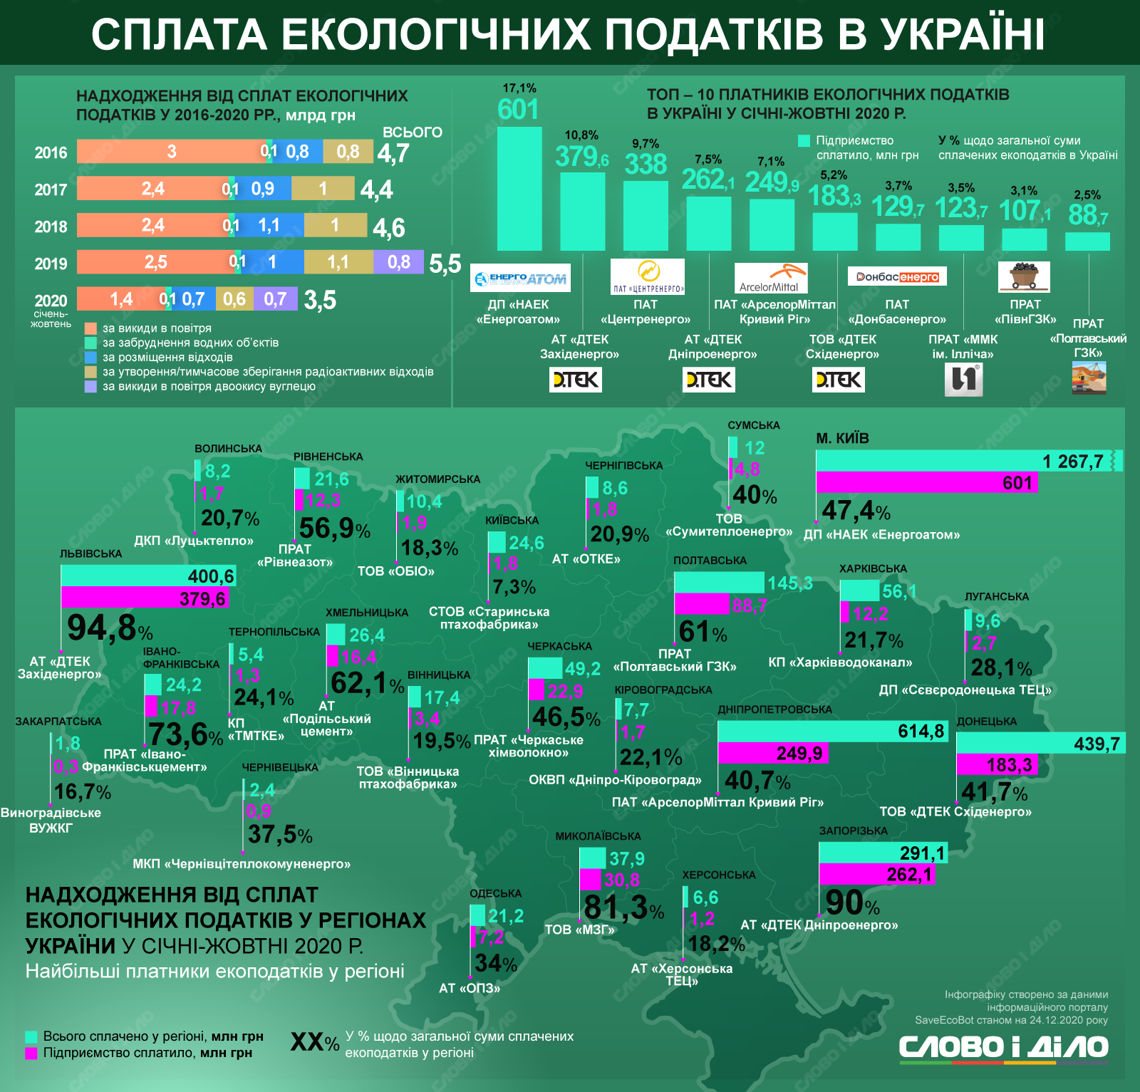 Оплата экологических налогов в Украине